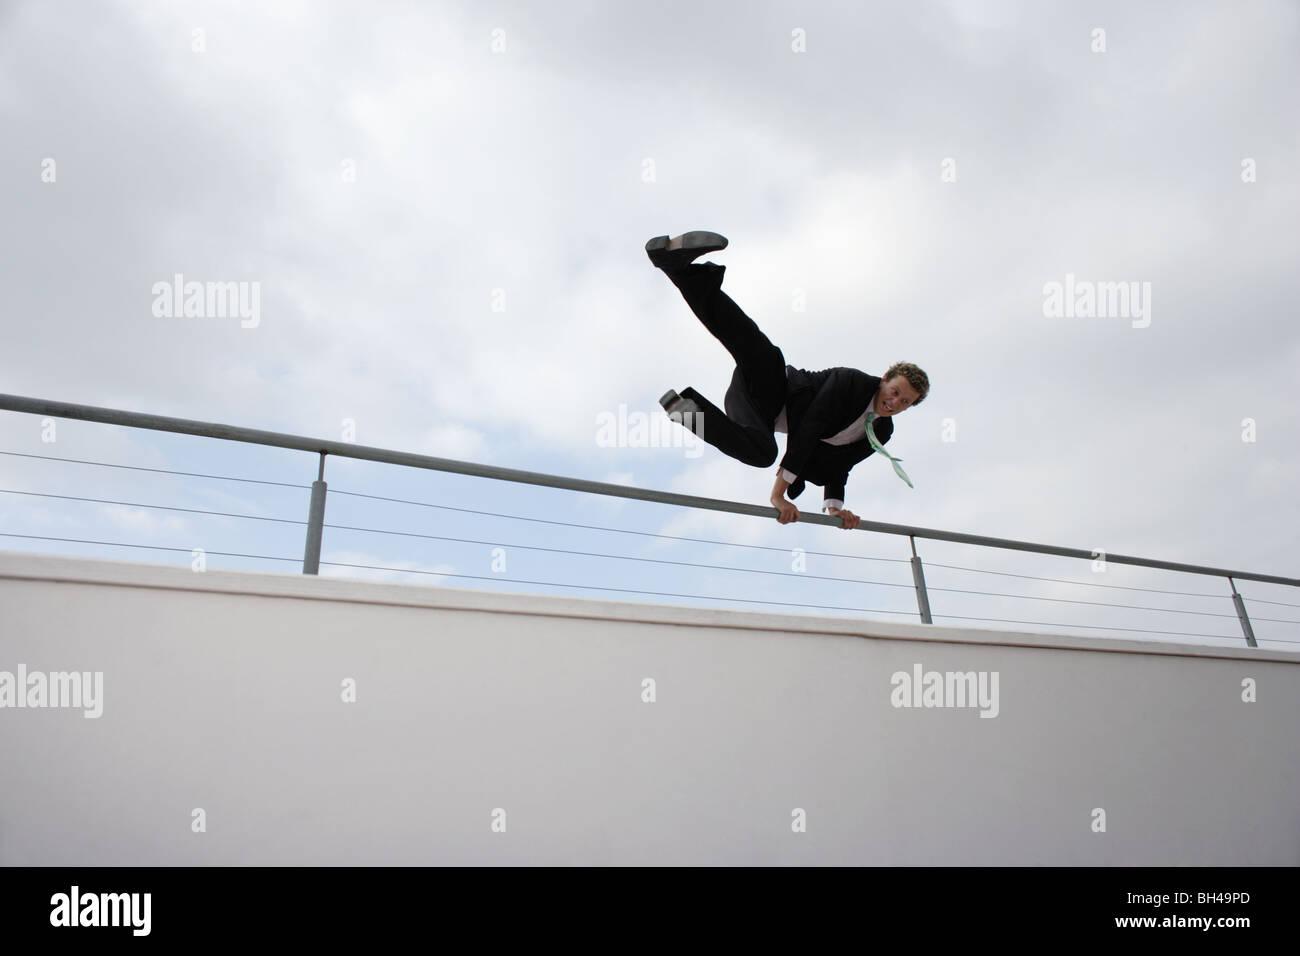 Giovane imprenditore saltando su una parete in città Immagini Stock